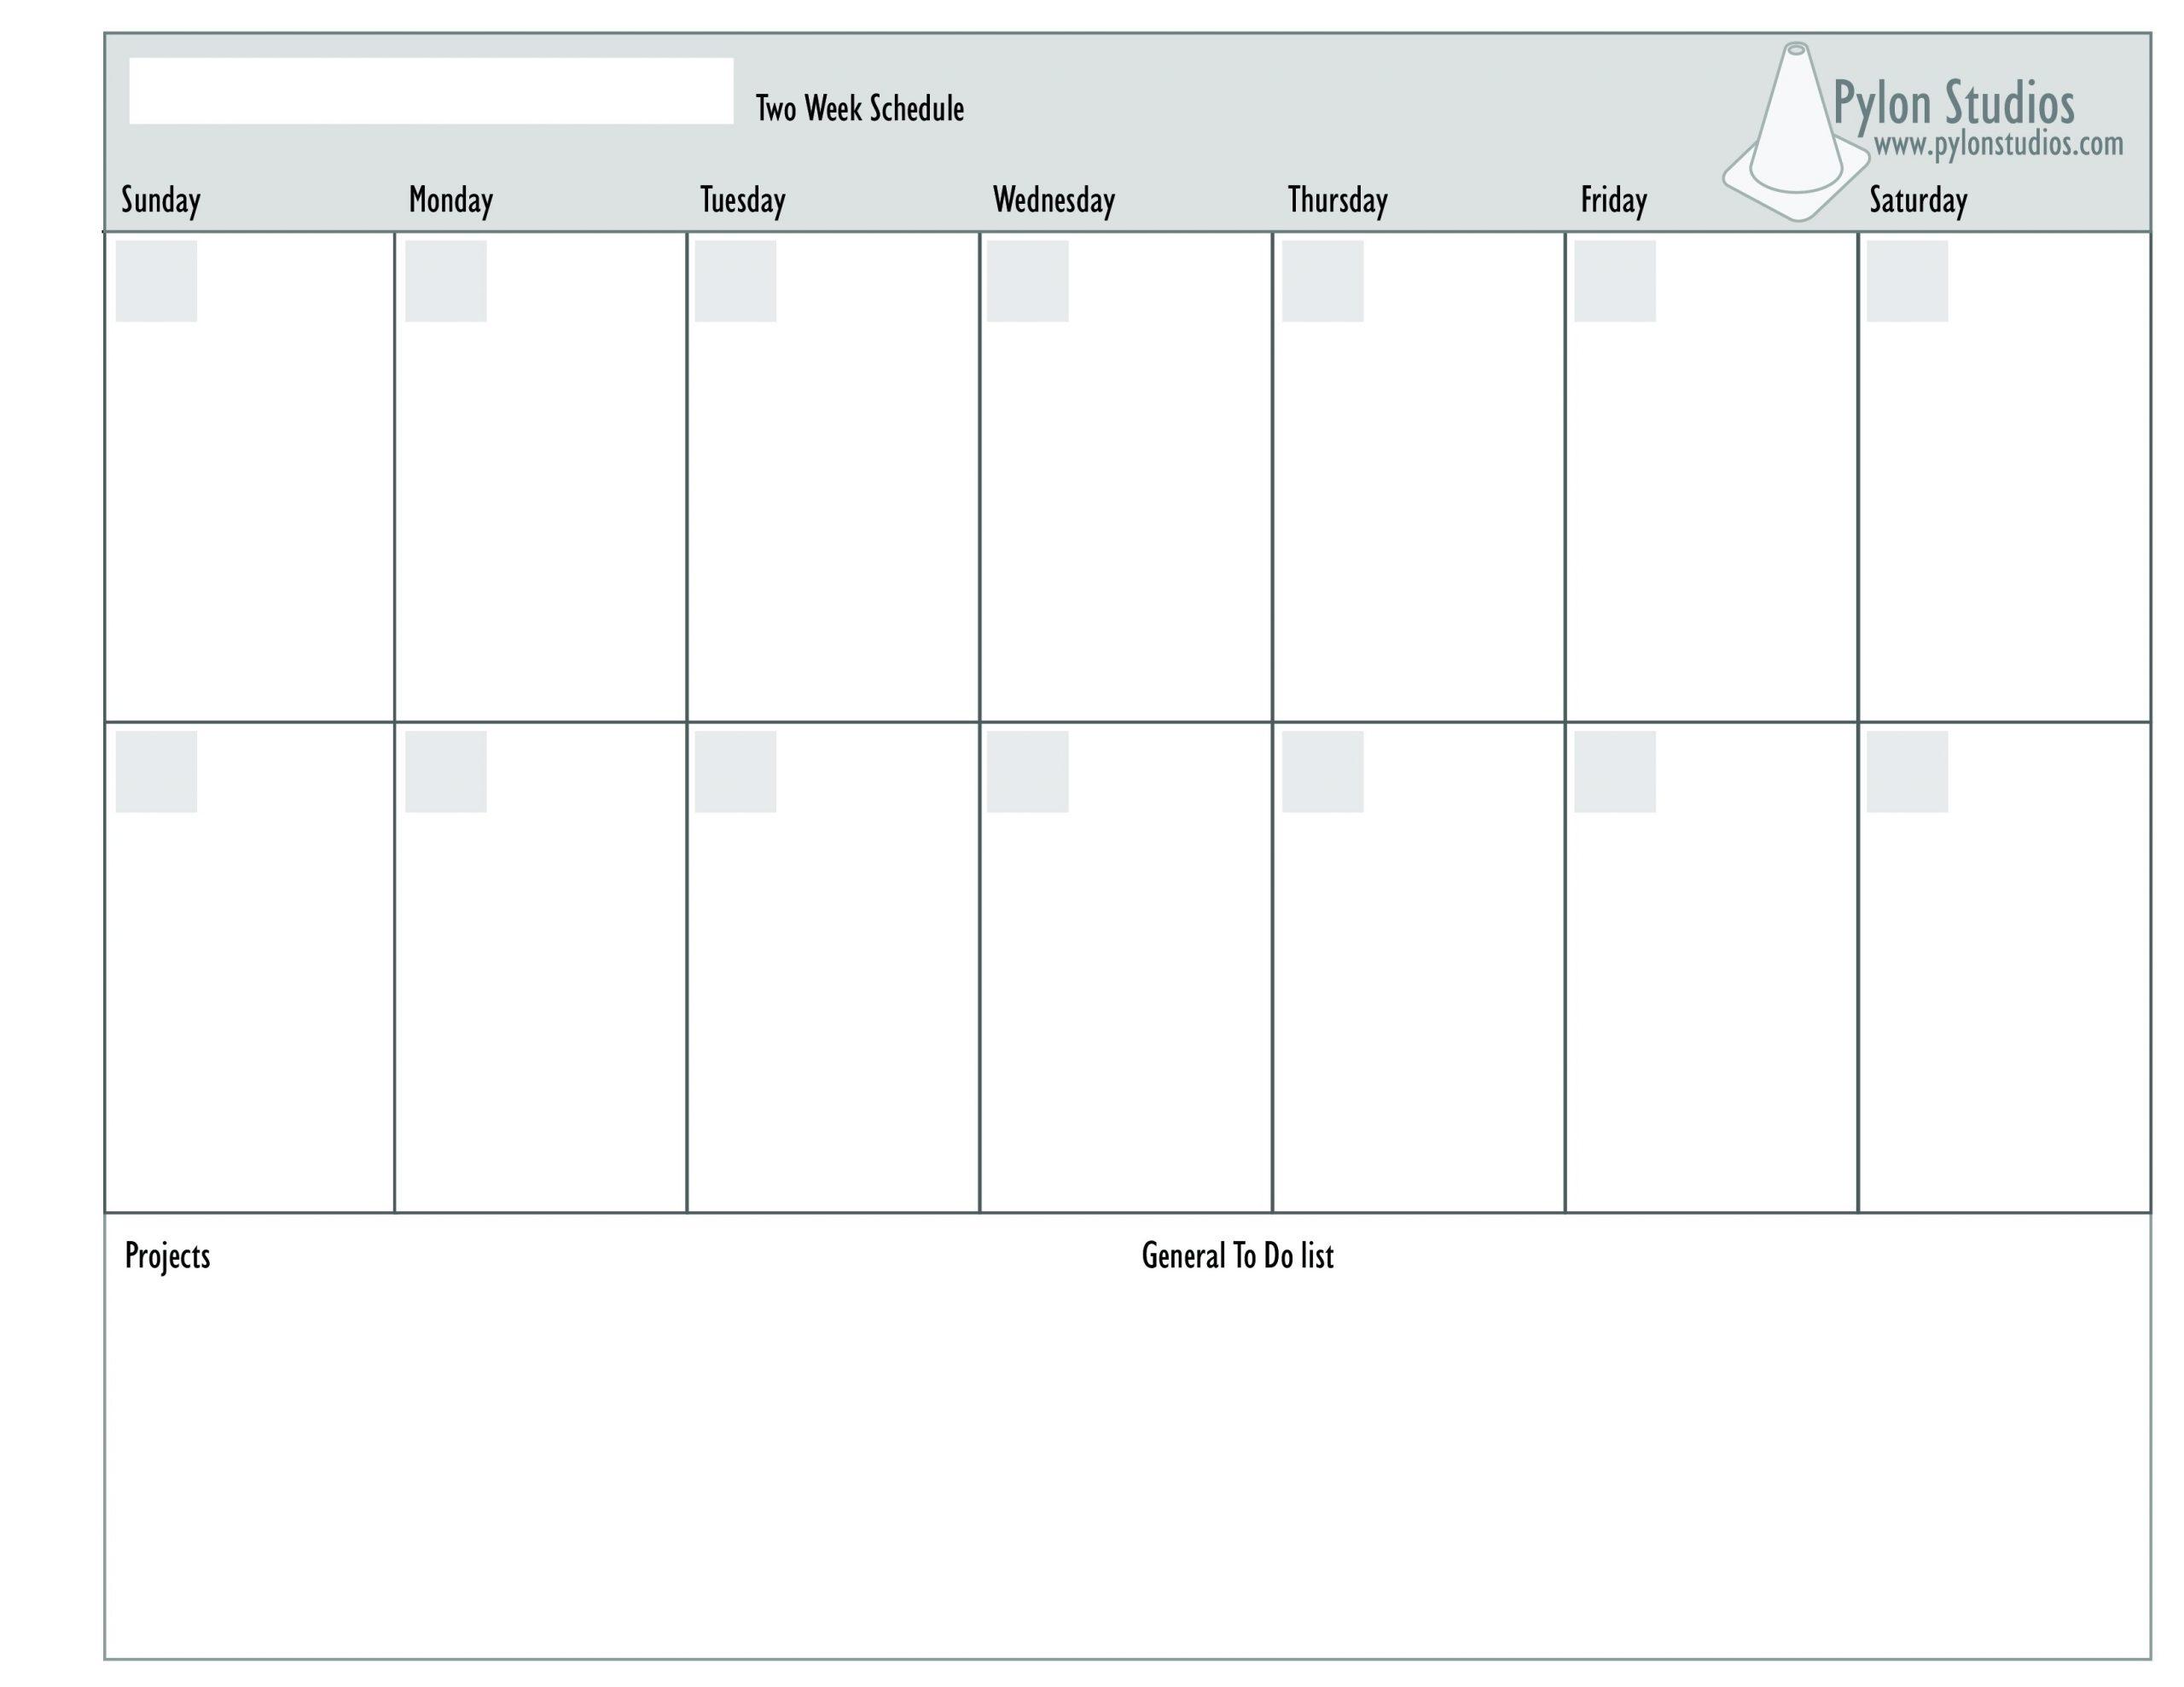 Blank Two Week Schedule Template - Calendar Inspiration Design 2 Week Calendar Sample